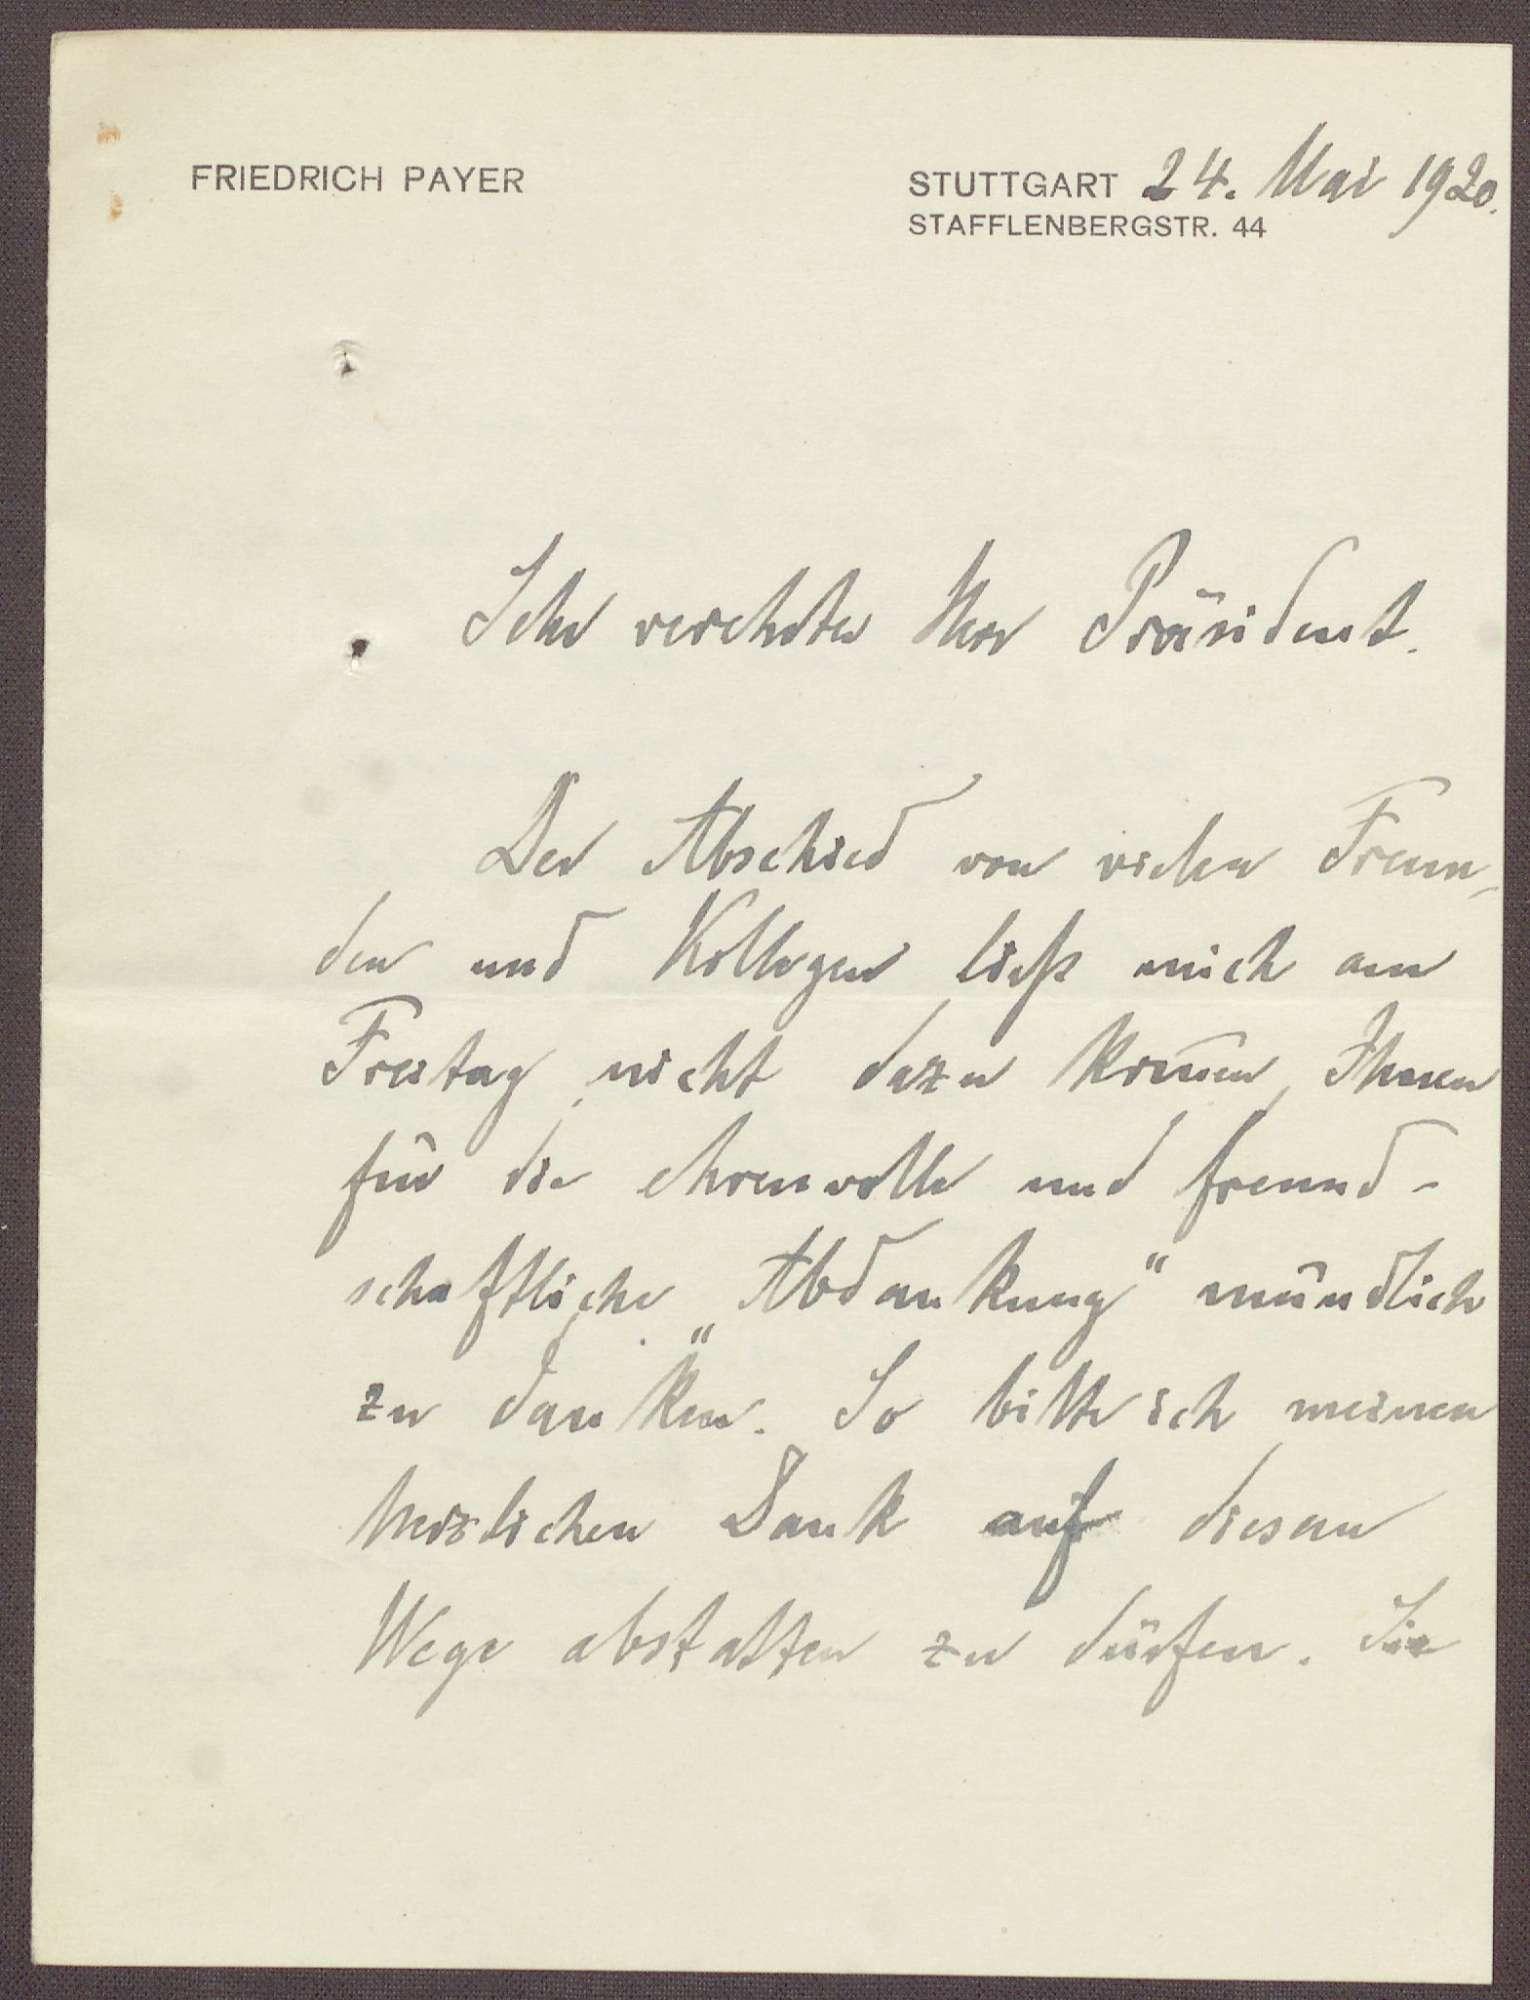 Schreiben von Friedrich Payer an Constantin Fehrenbach, Abschied aus dem parlamentarischen Leben und Dank für die Abschiedsrede, Bild 1